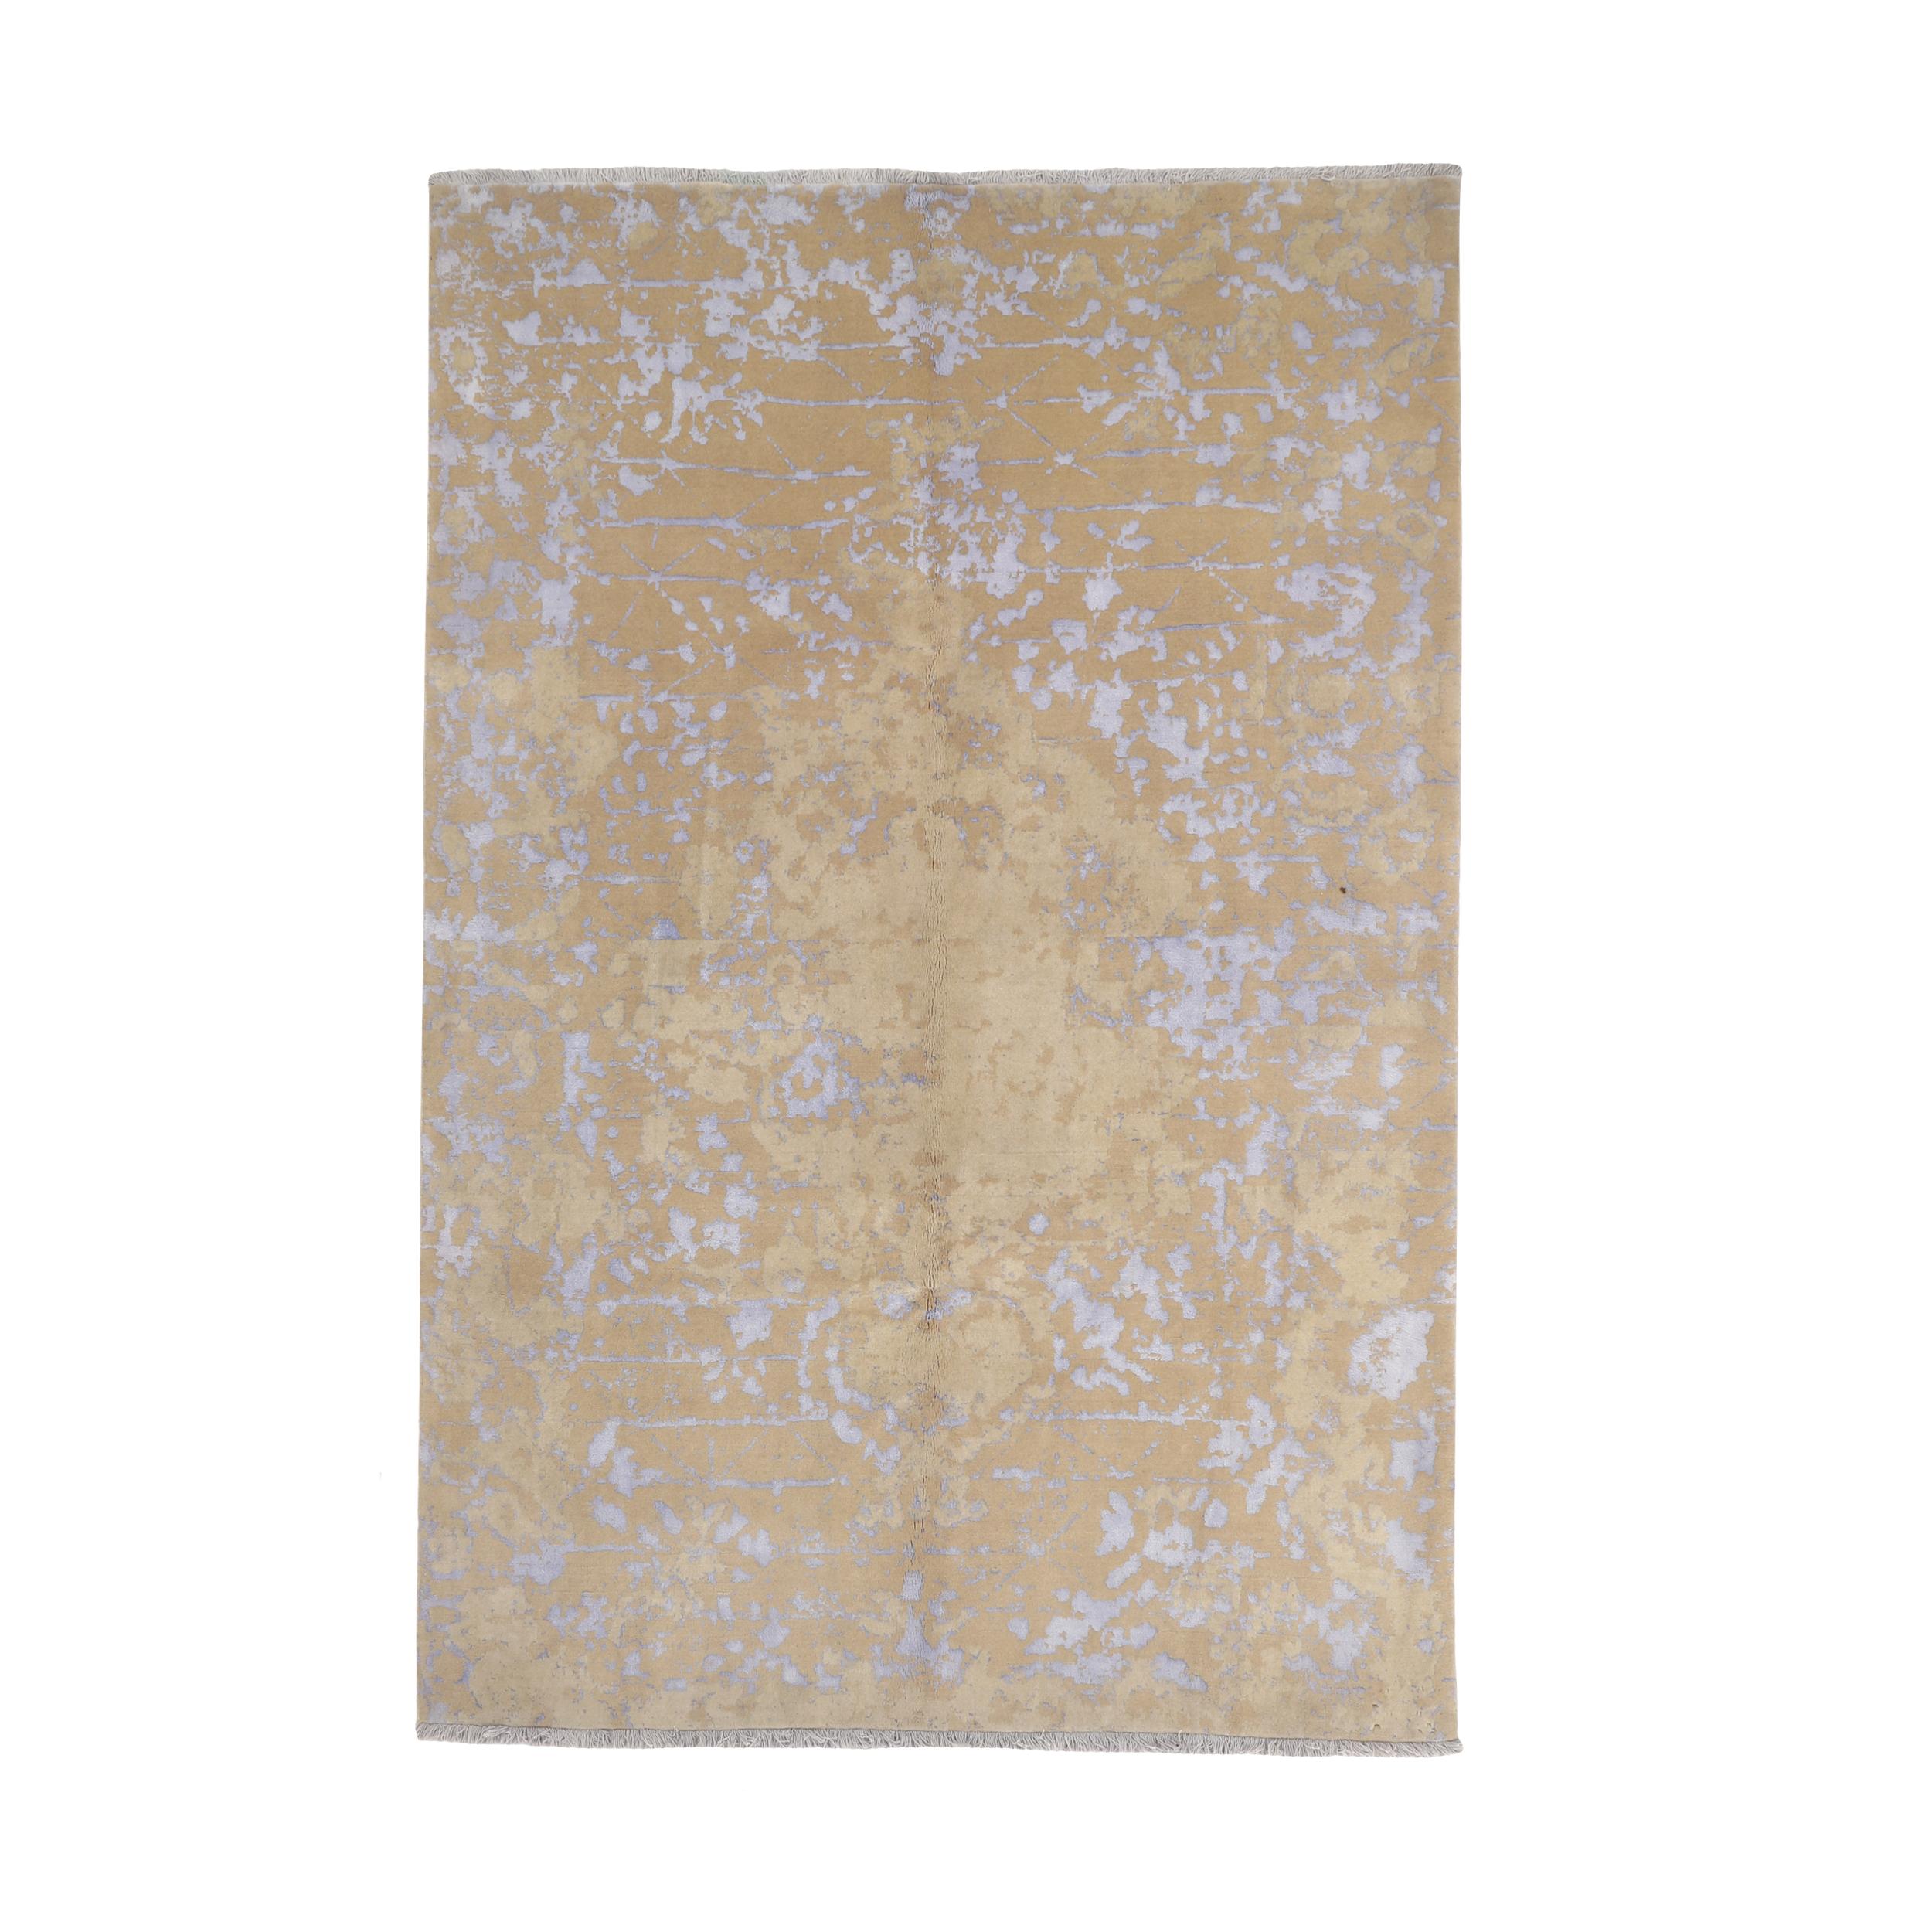 فرش نیمه دستبافت پنج و نیم متری طرح گل ابریشم کد 543898